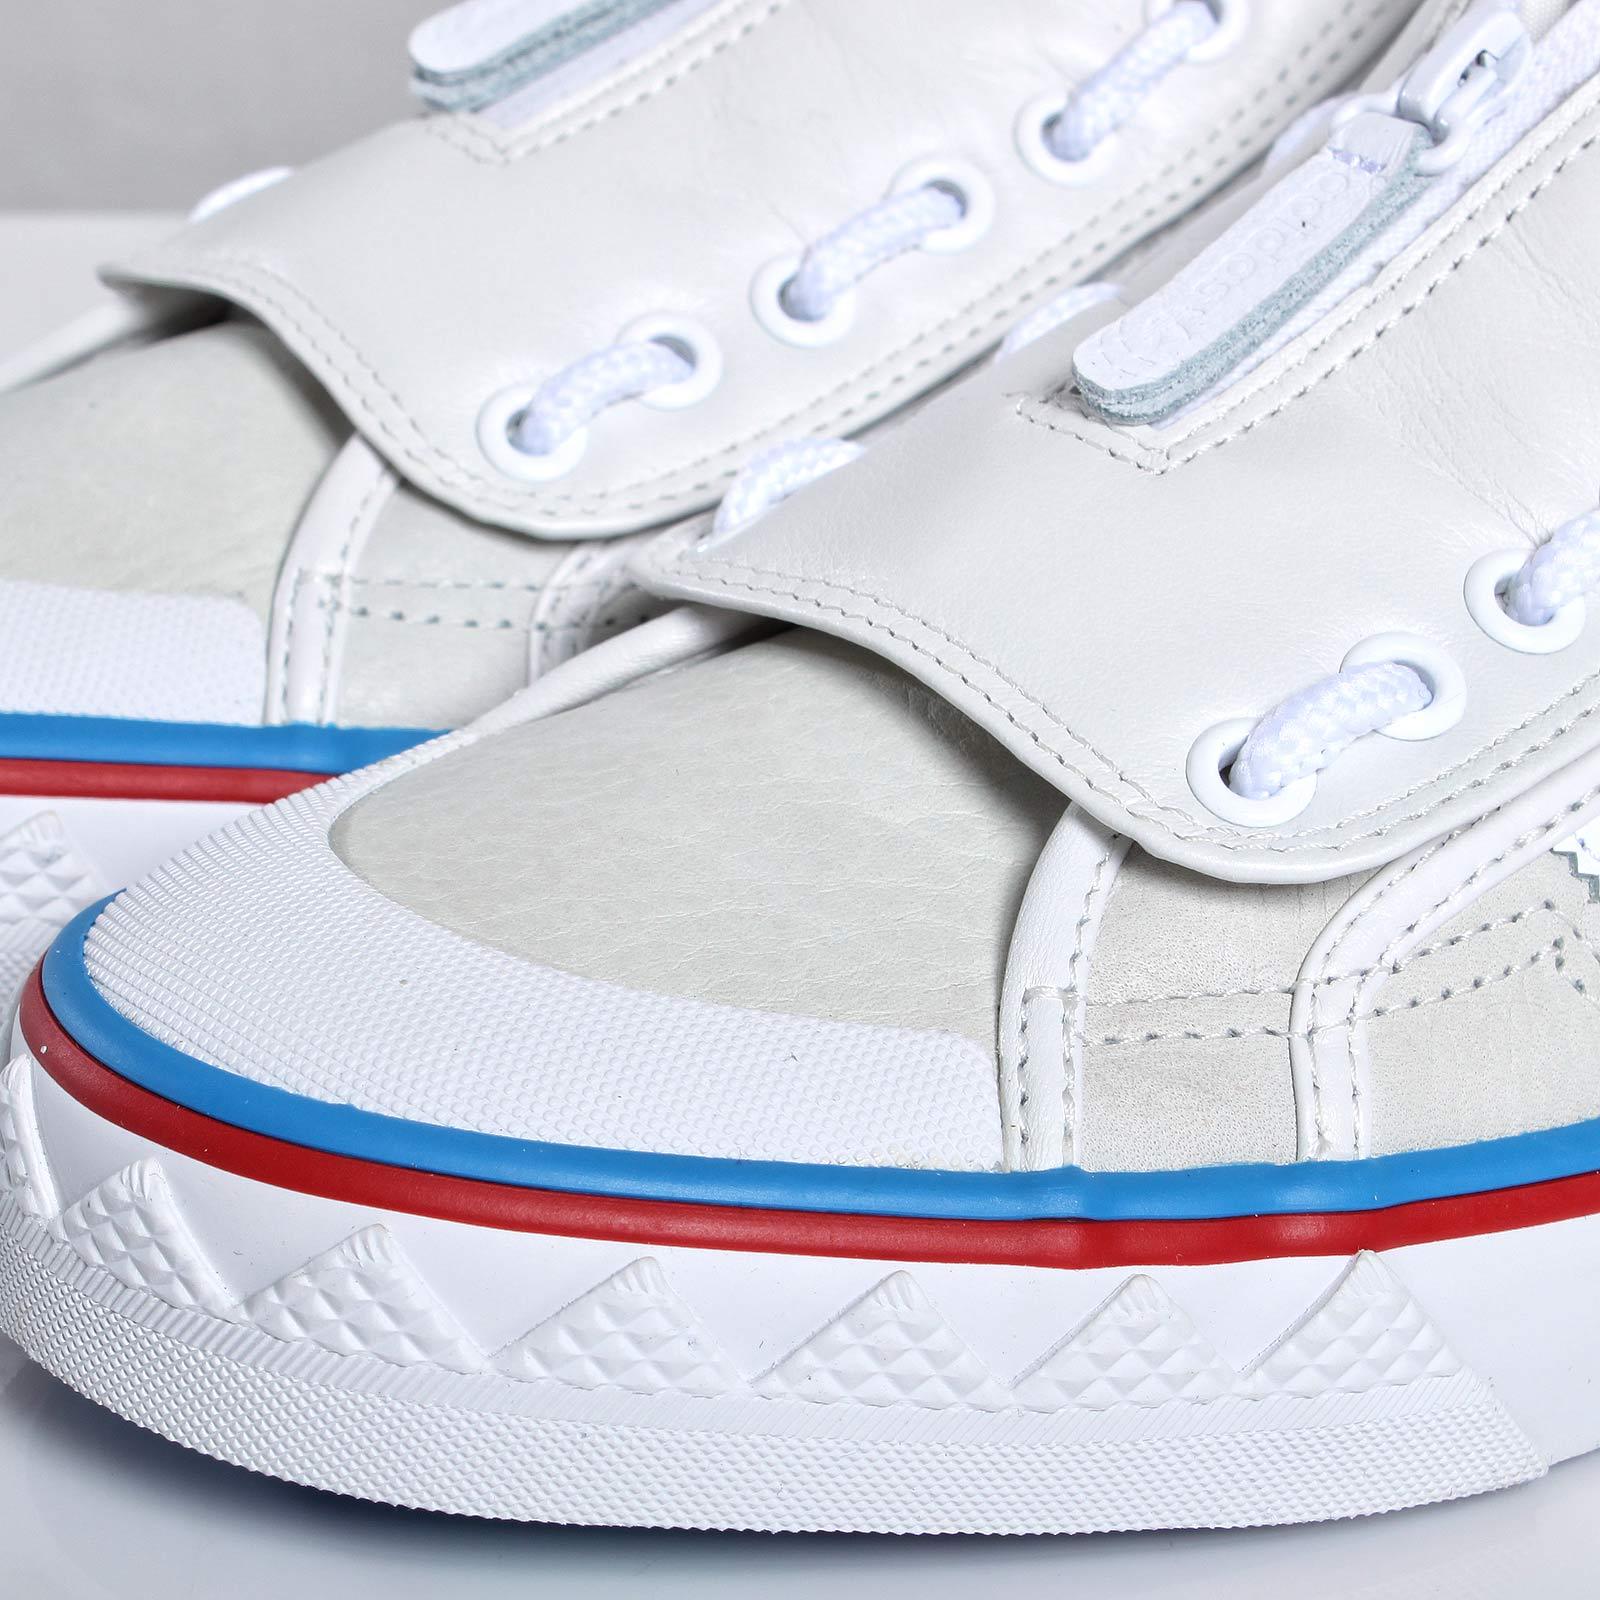 adidas Nizza Hi OT Tech - 83771 - Sneakersnstuff  00b109fca02c